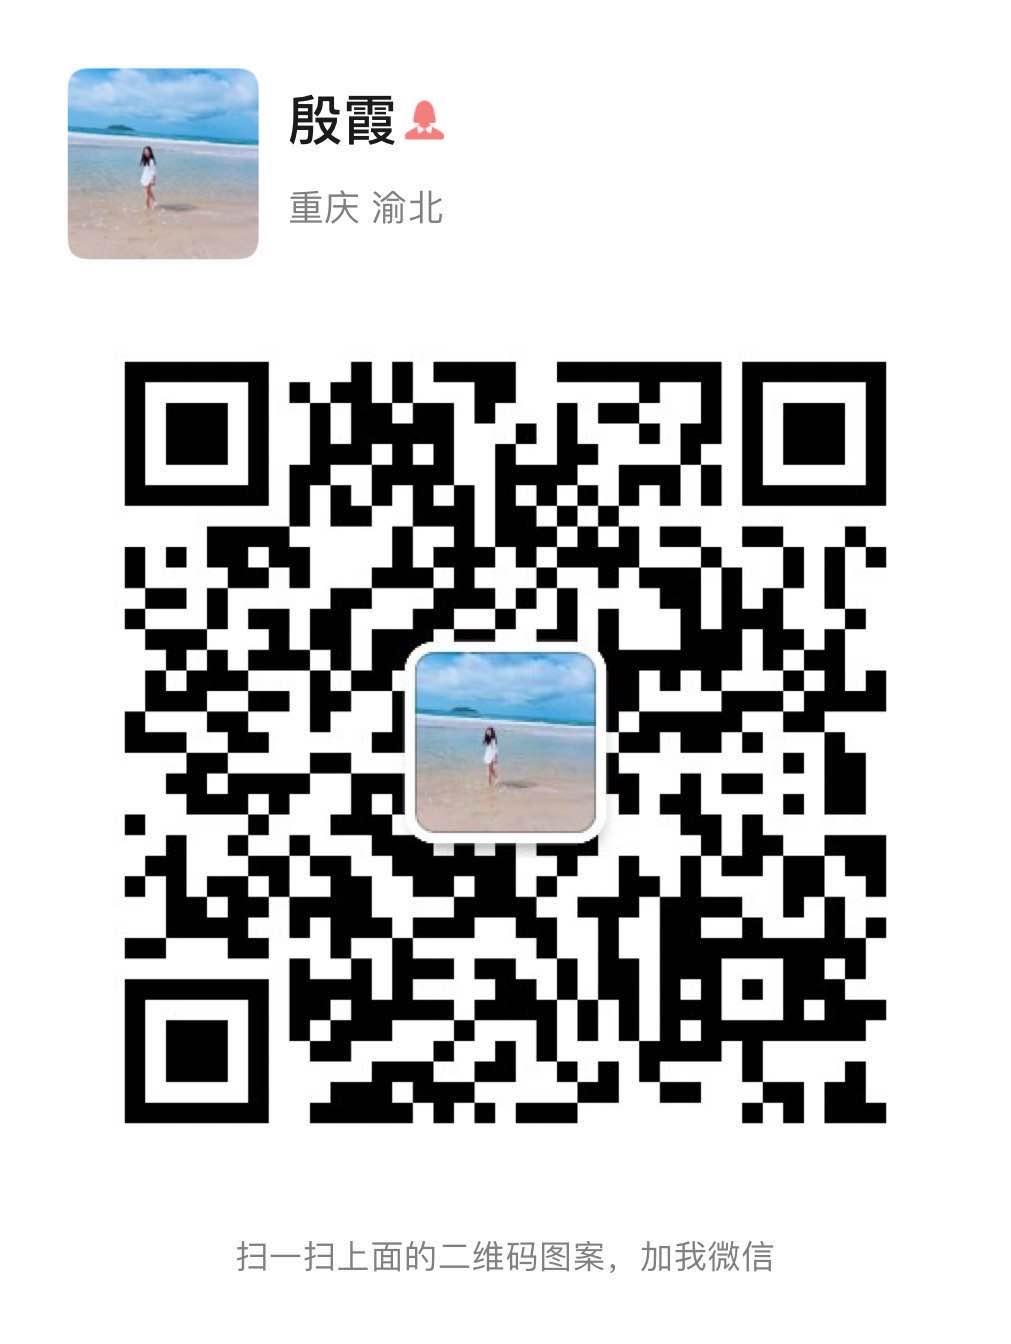 mmexport1594598604711.jpg